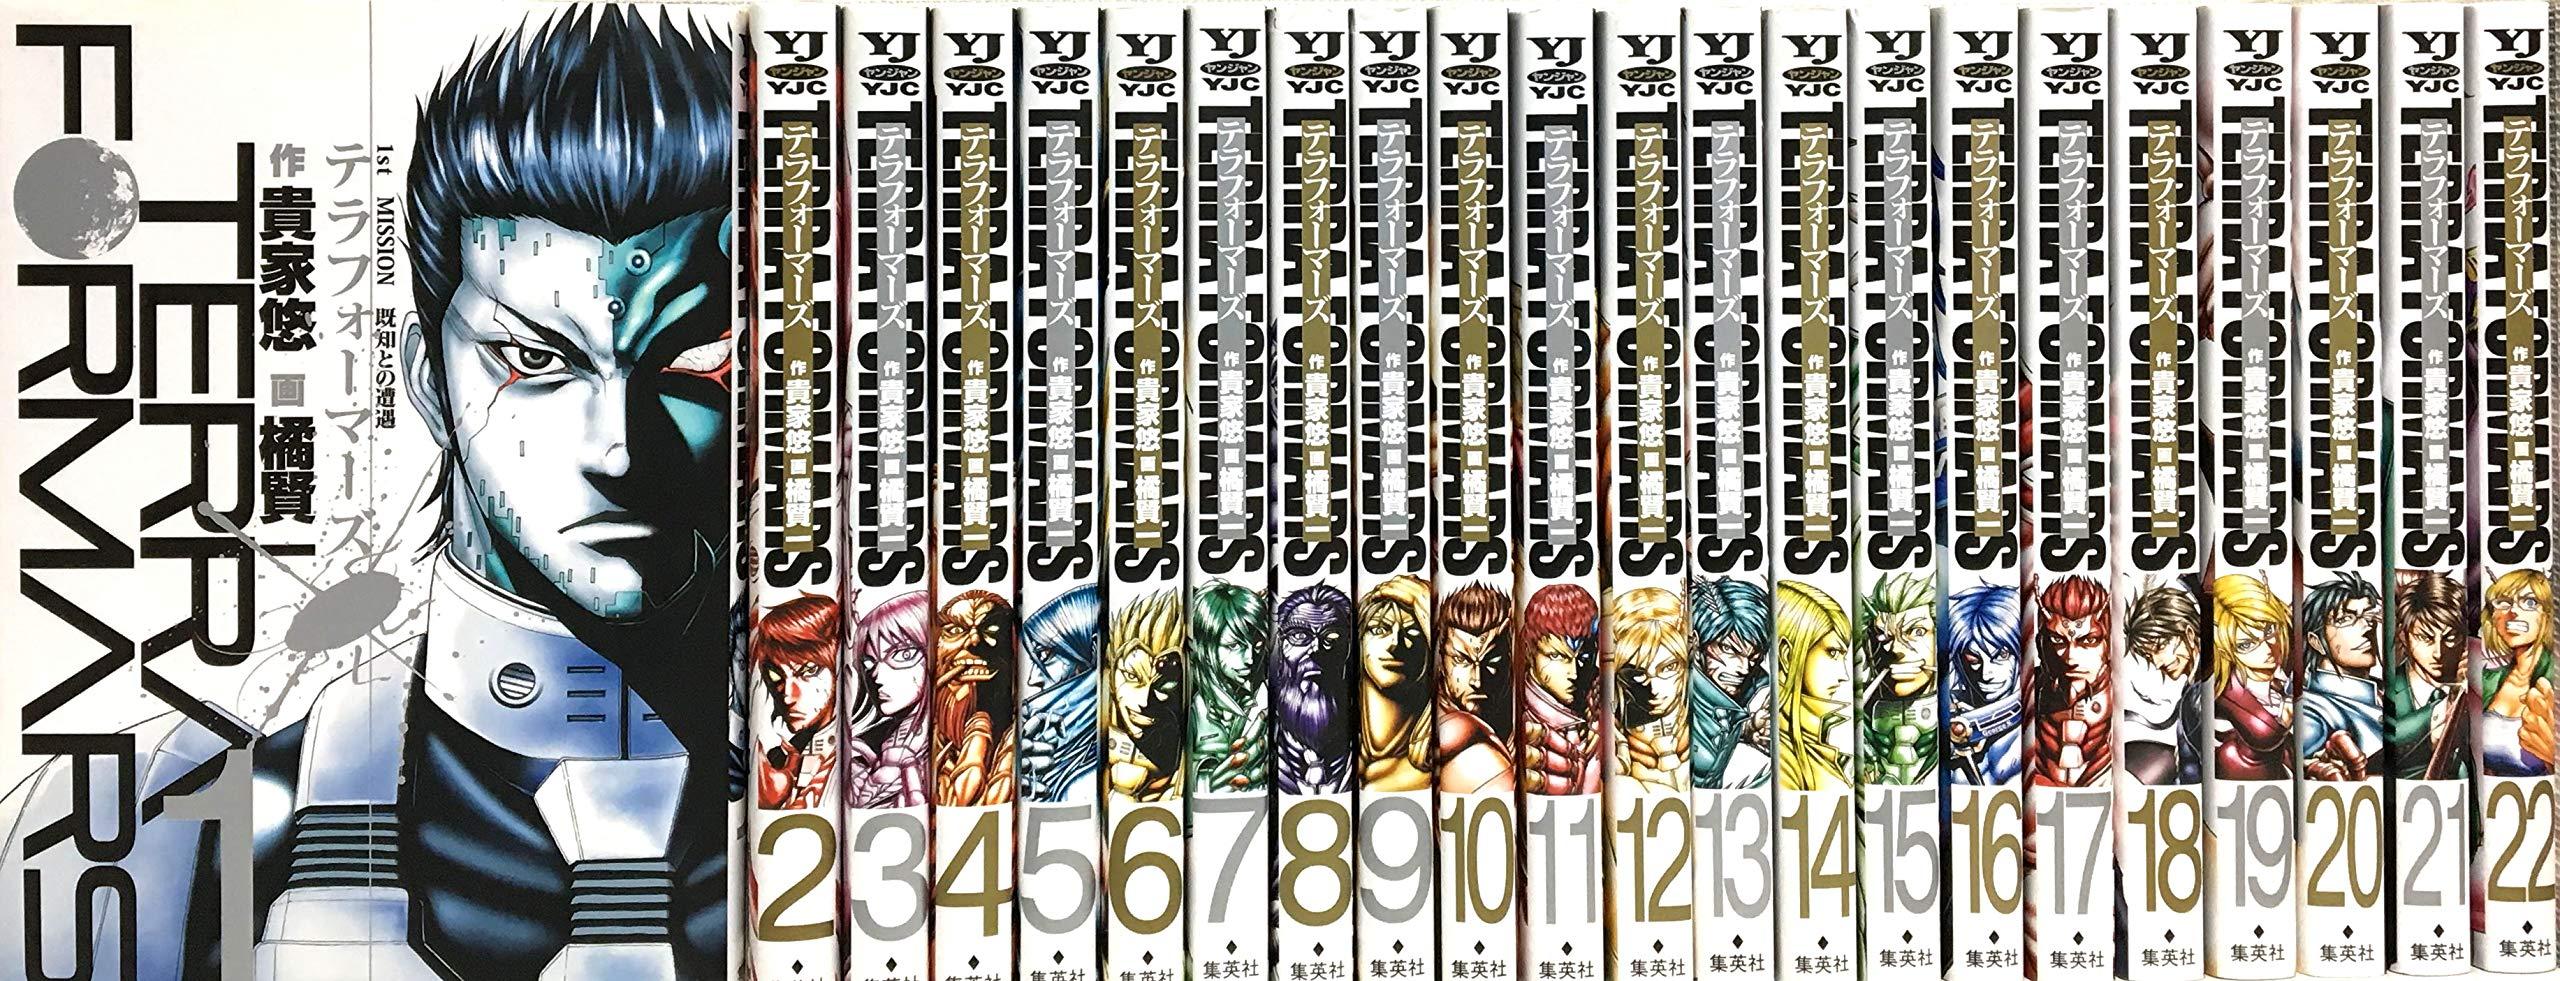 テラフォー マーズ 23 巻